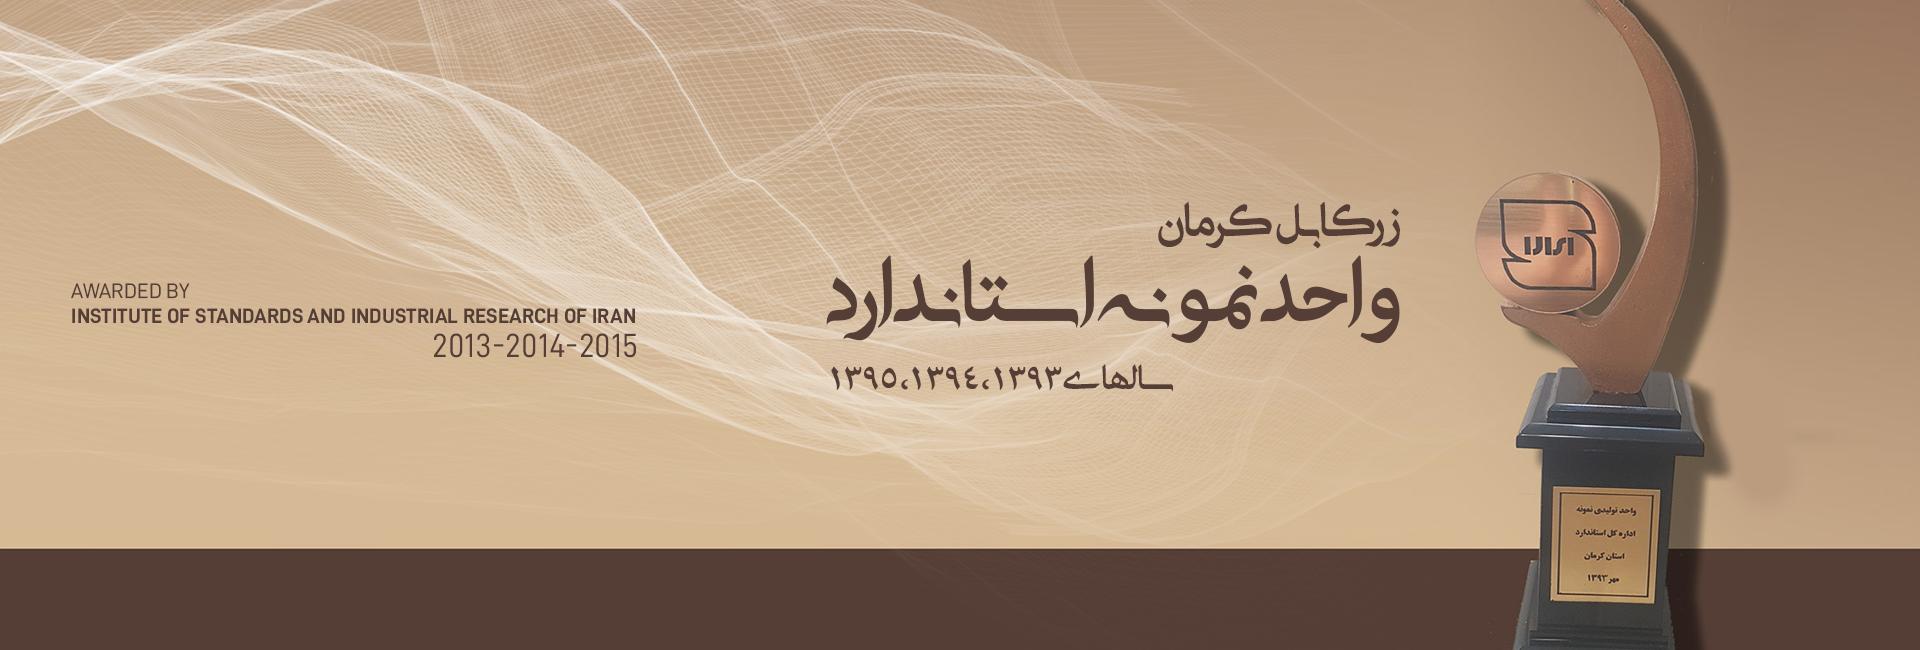 گواهینامهها و افتخارات زرکابل کرمان